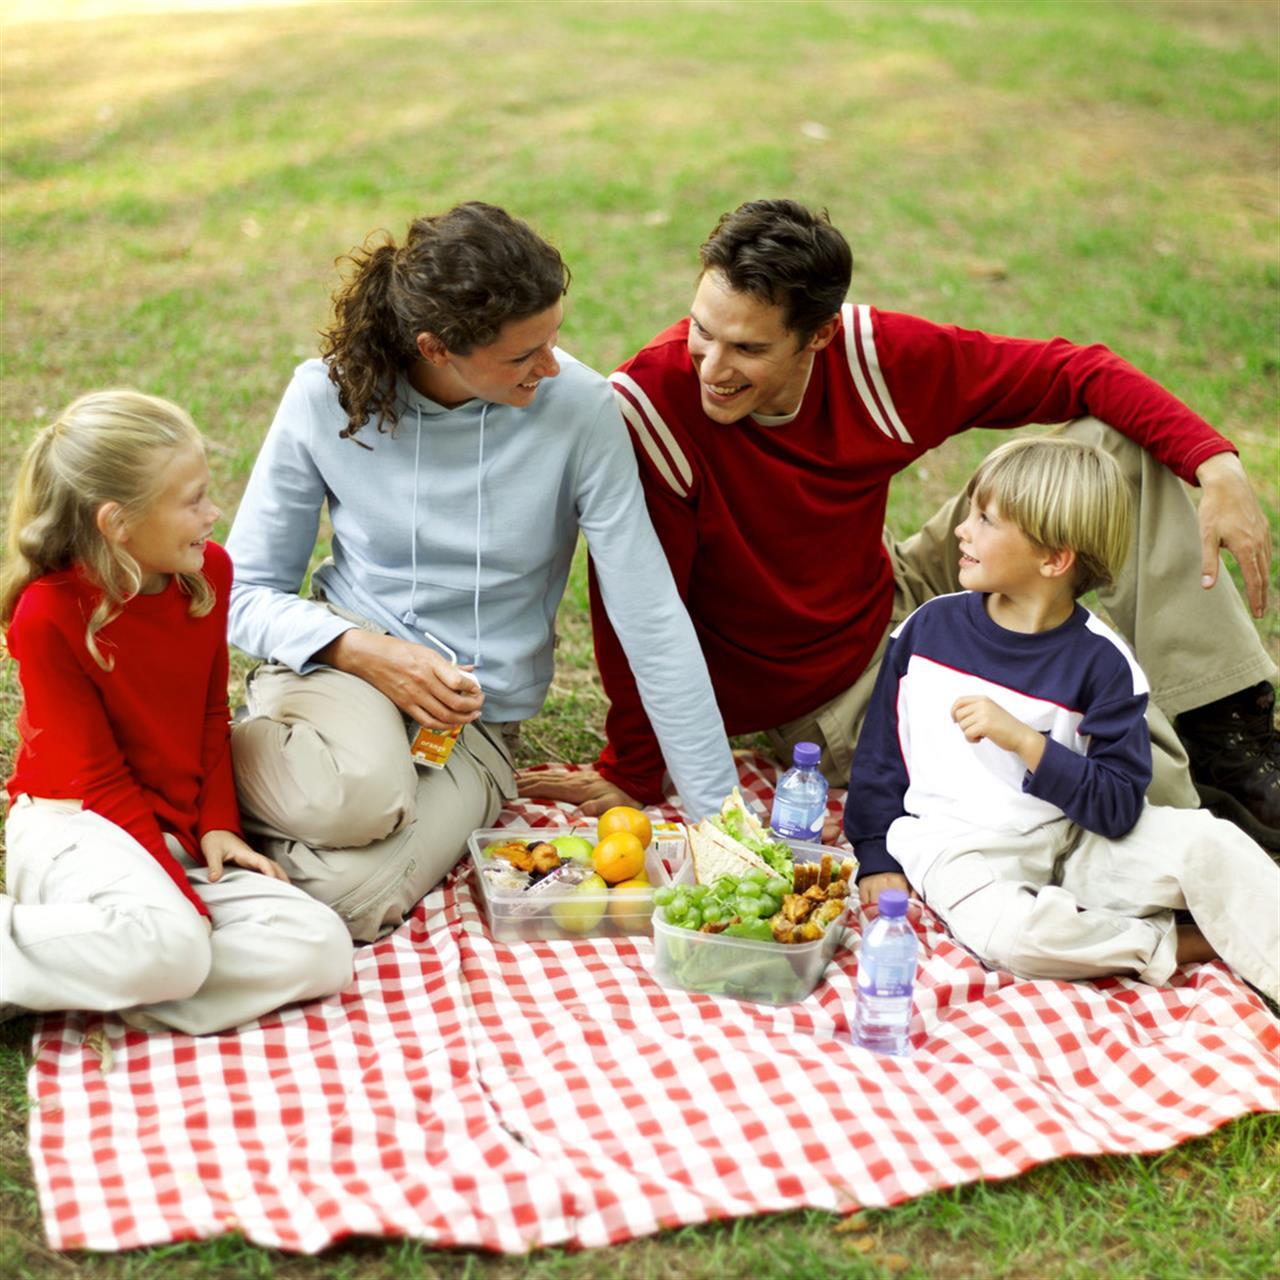 الترابط الأسري وتأثيره على تشكيل وعي الاطفال